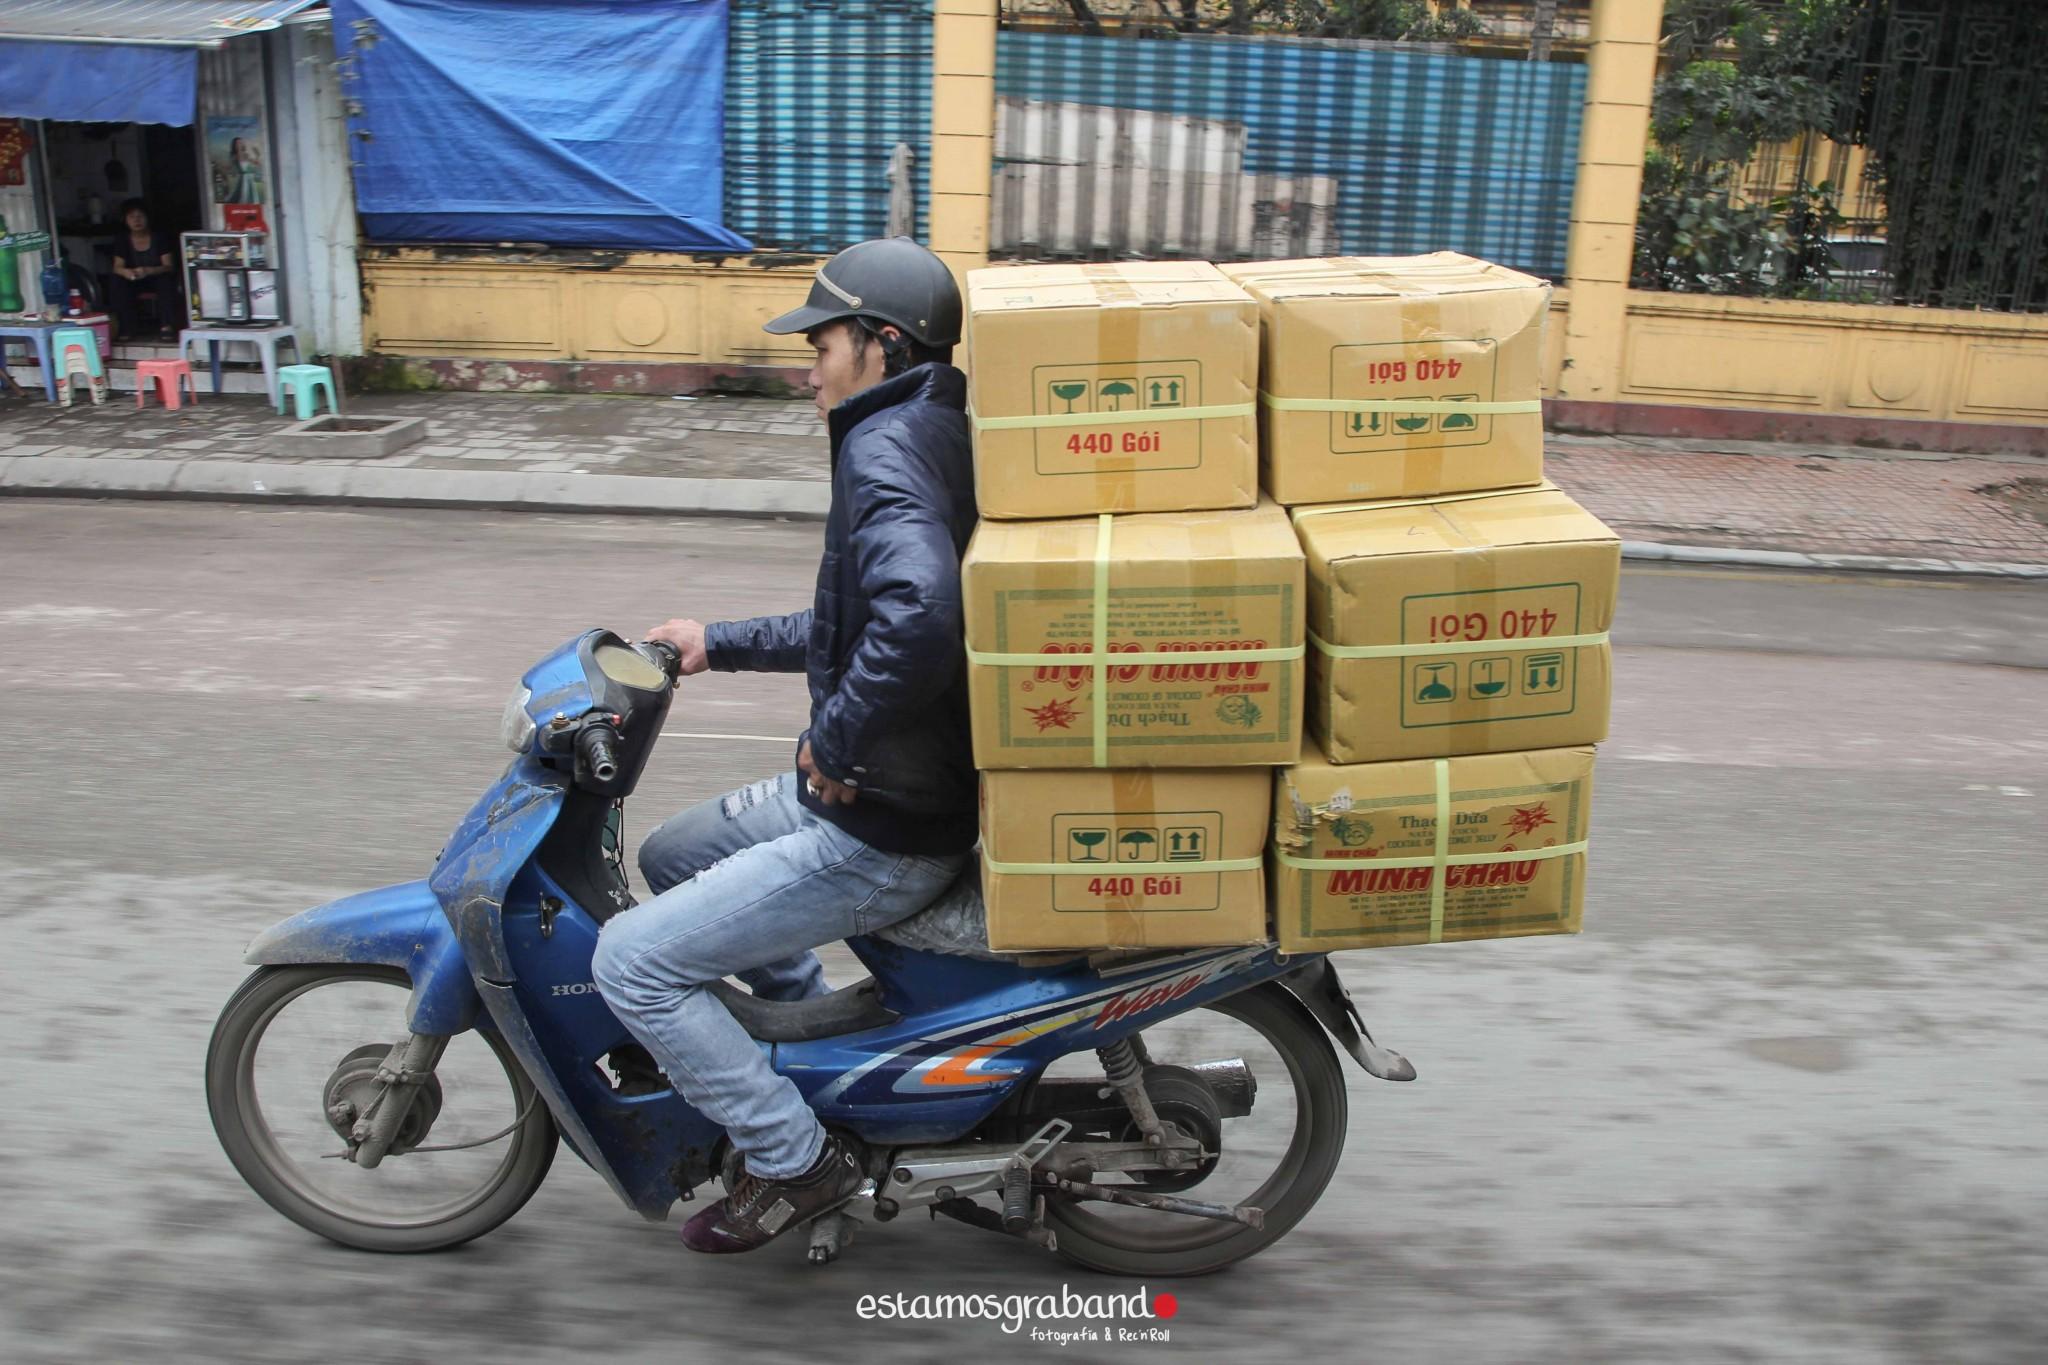 reportaje-vietnam_fotograficc81a-vietnam_estamosgrabando-vietnam_rutasvietnam_reportaje-retratos-fotos-vietnam_fotografia-vietnam_reportaje-estamosgrabando-fotograficc81a-vietnam-37 Pequeños grandes recuerdos de Vietnam en 100 imágenes - video boda cadiz